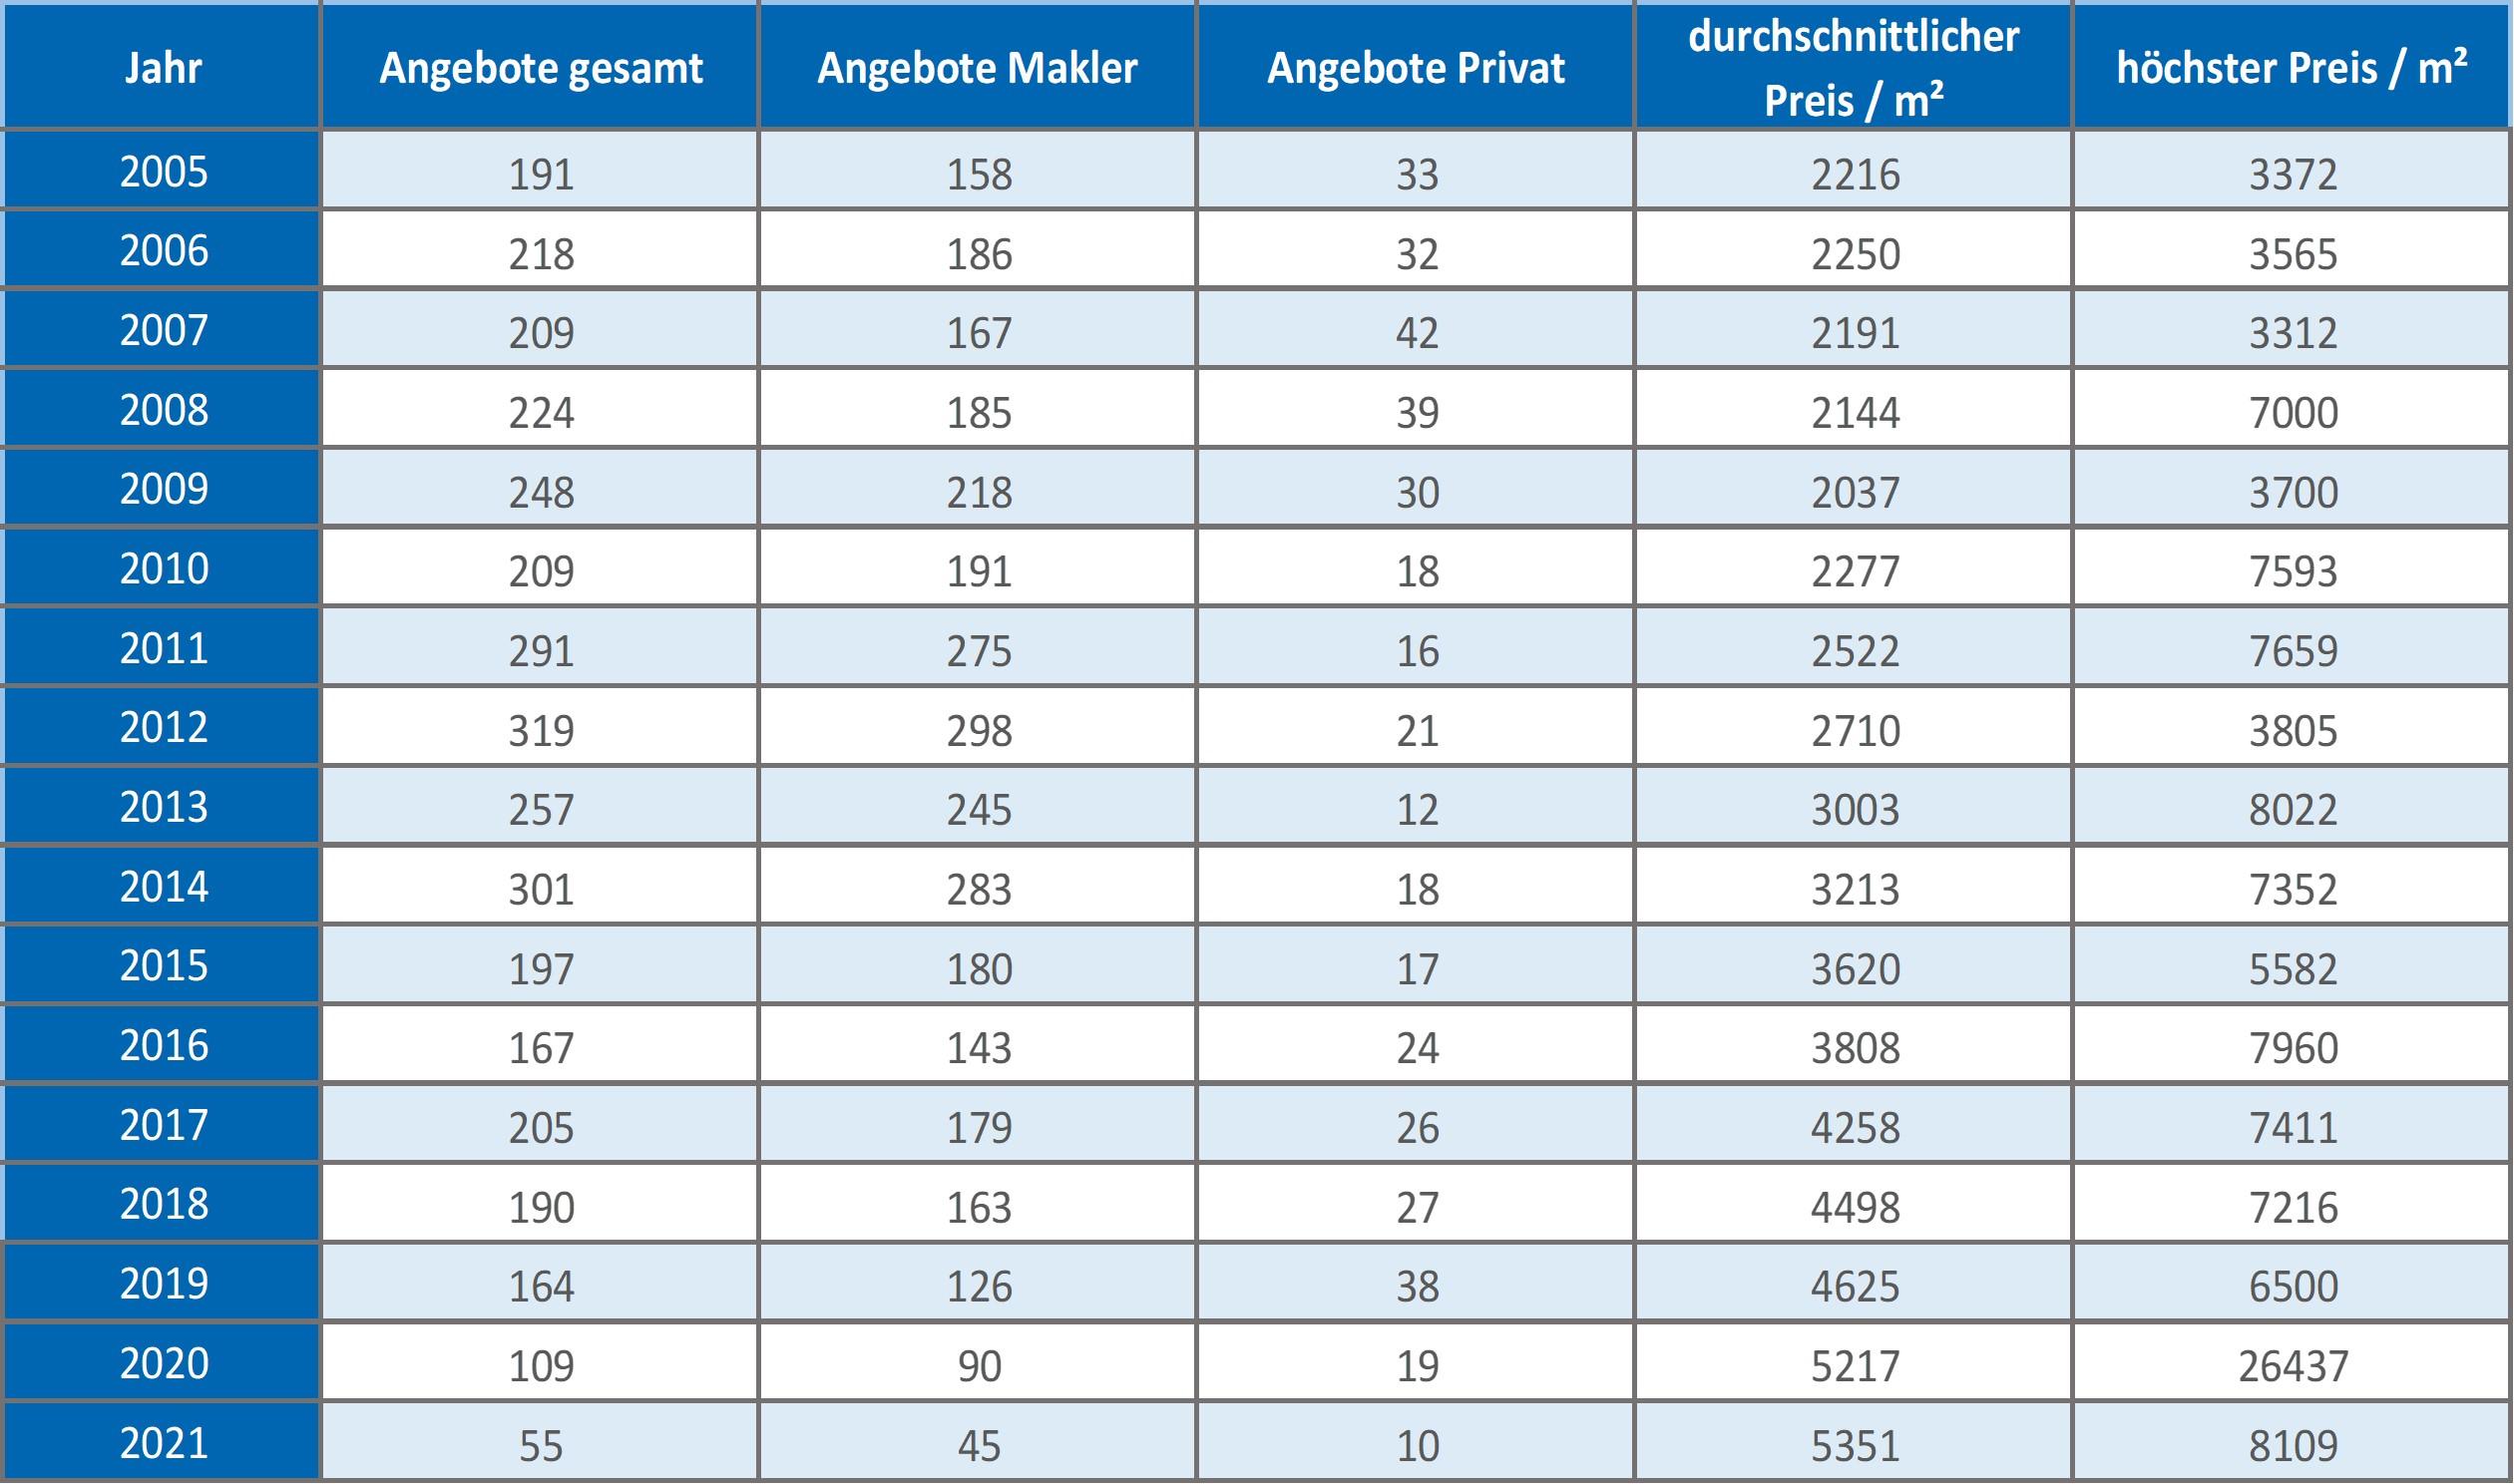 Bad Aibling Makler Wohnung Kaufen Verkaufen Preis Bewertung 2019, 2020, 2021